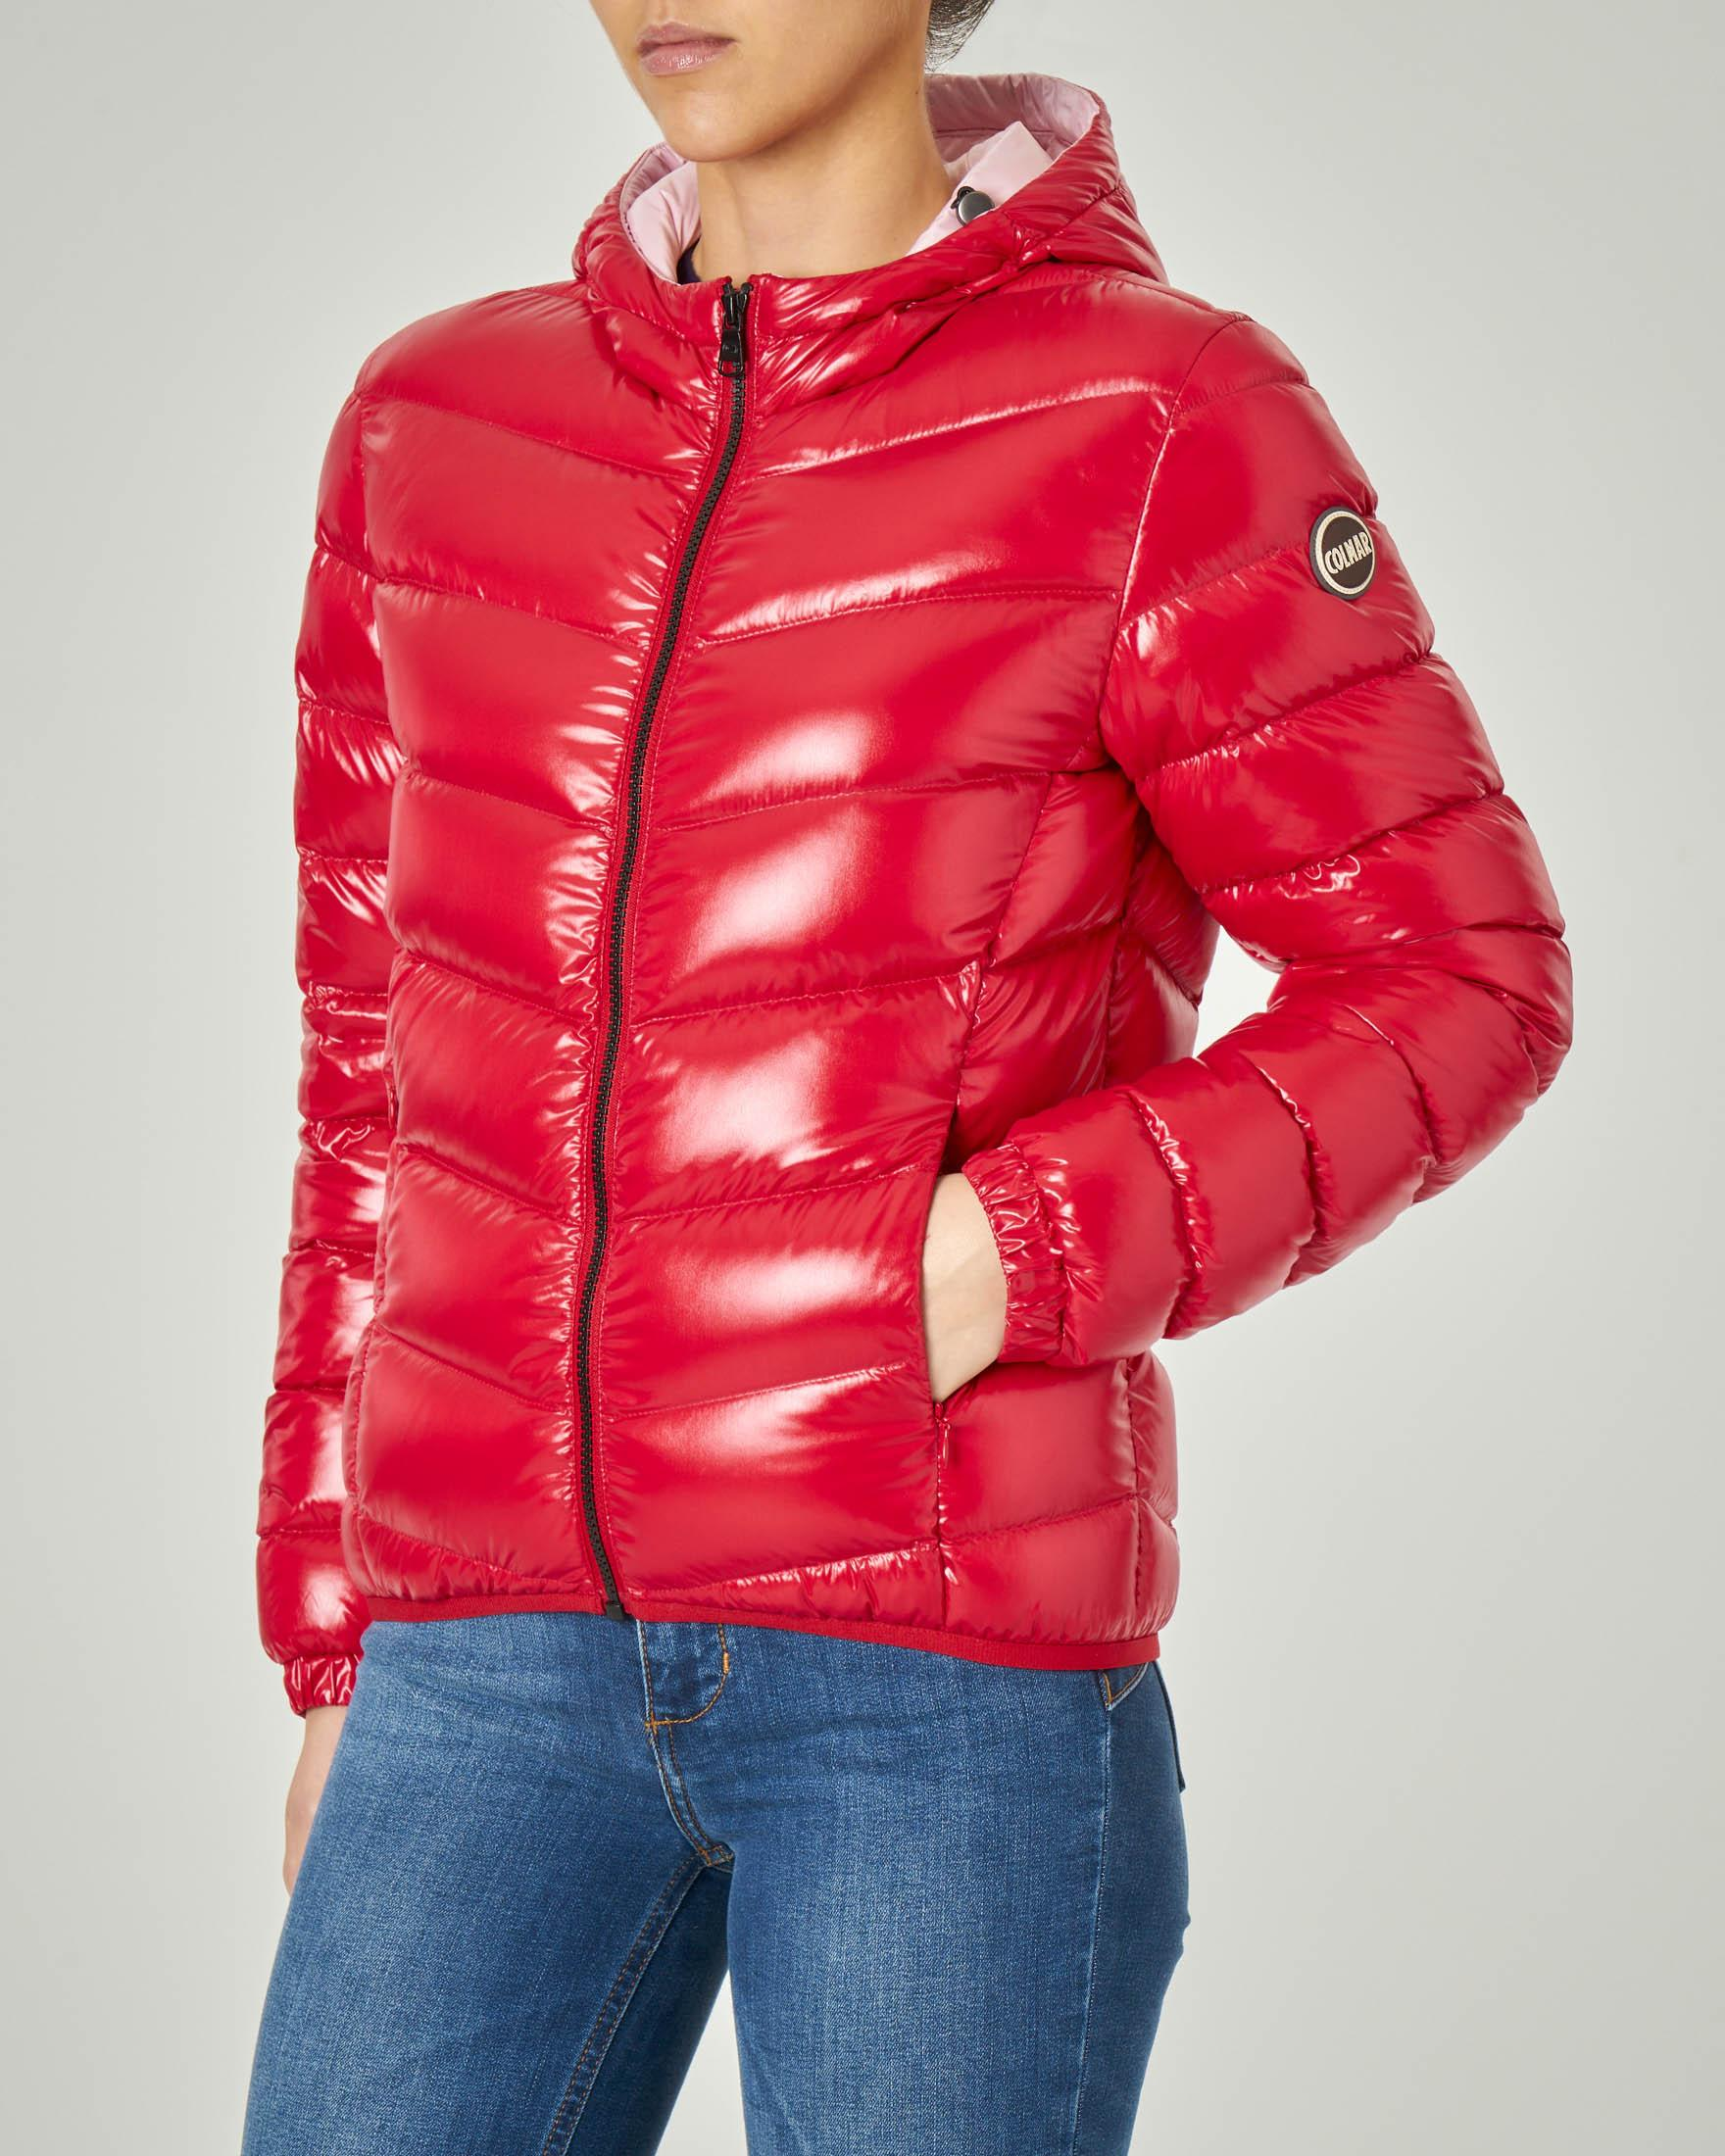 Bomber corto imbottito rosso in tessuto super lucido con cappuccio